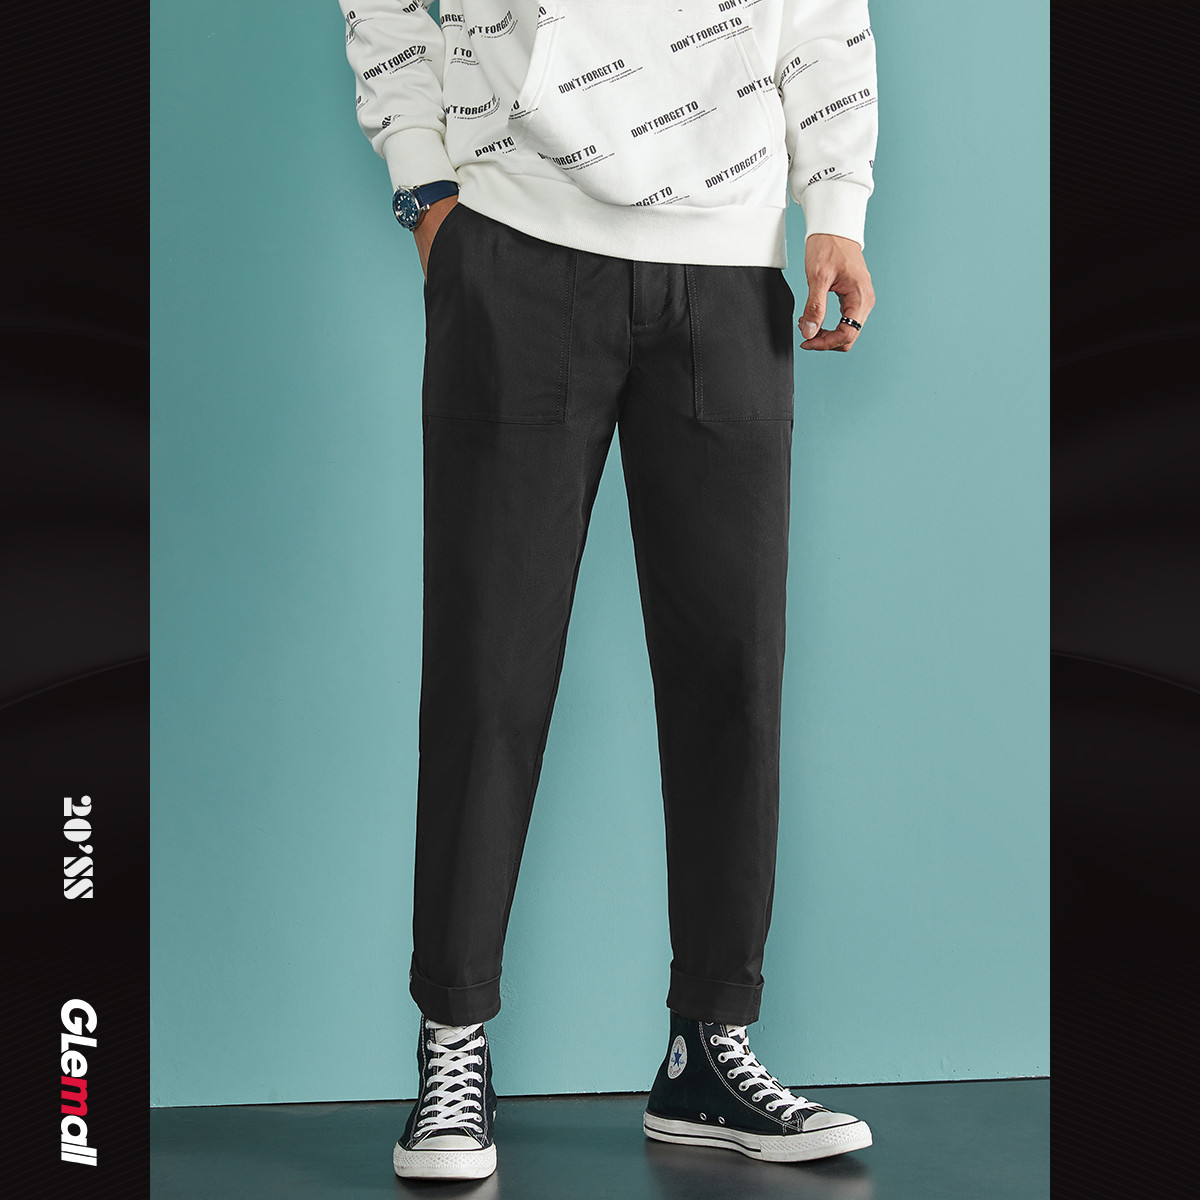 GleMall潮牌【舒适抗皱】简约廓形街头休闲束脚男士休闲长裤ZA1A261202201(D037)